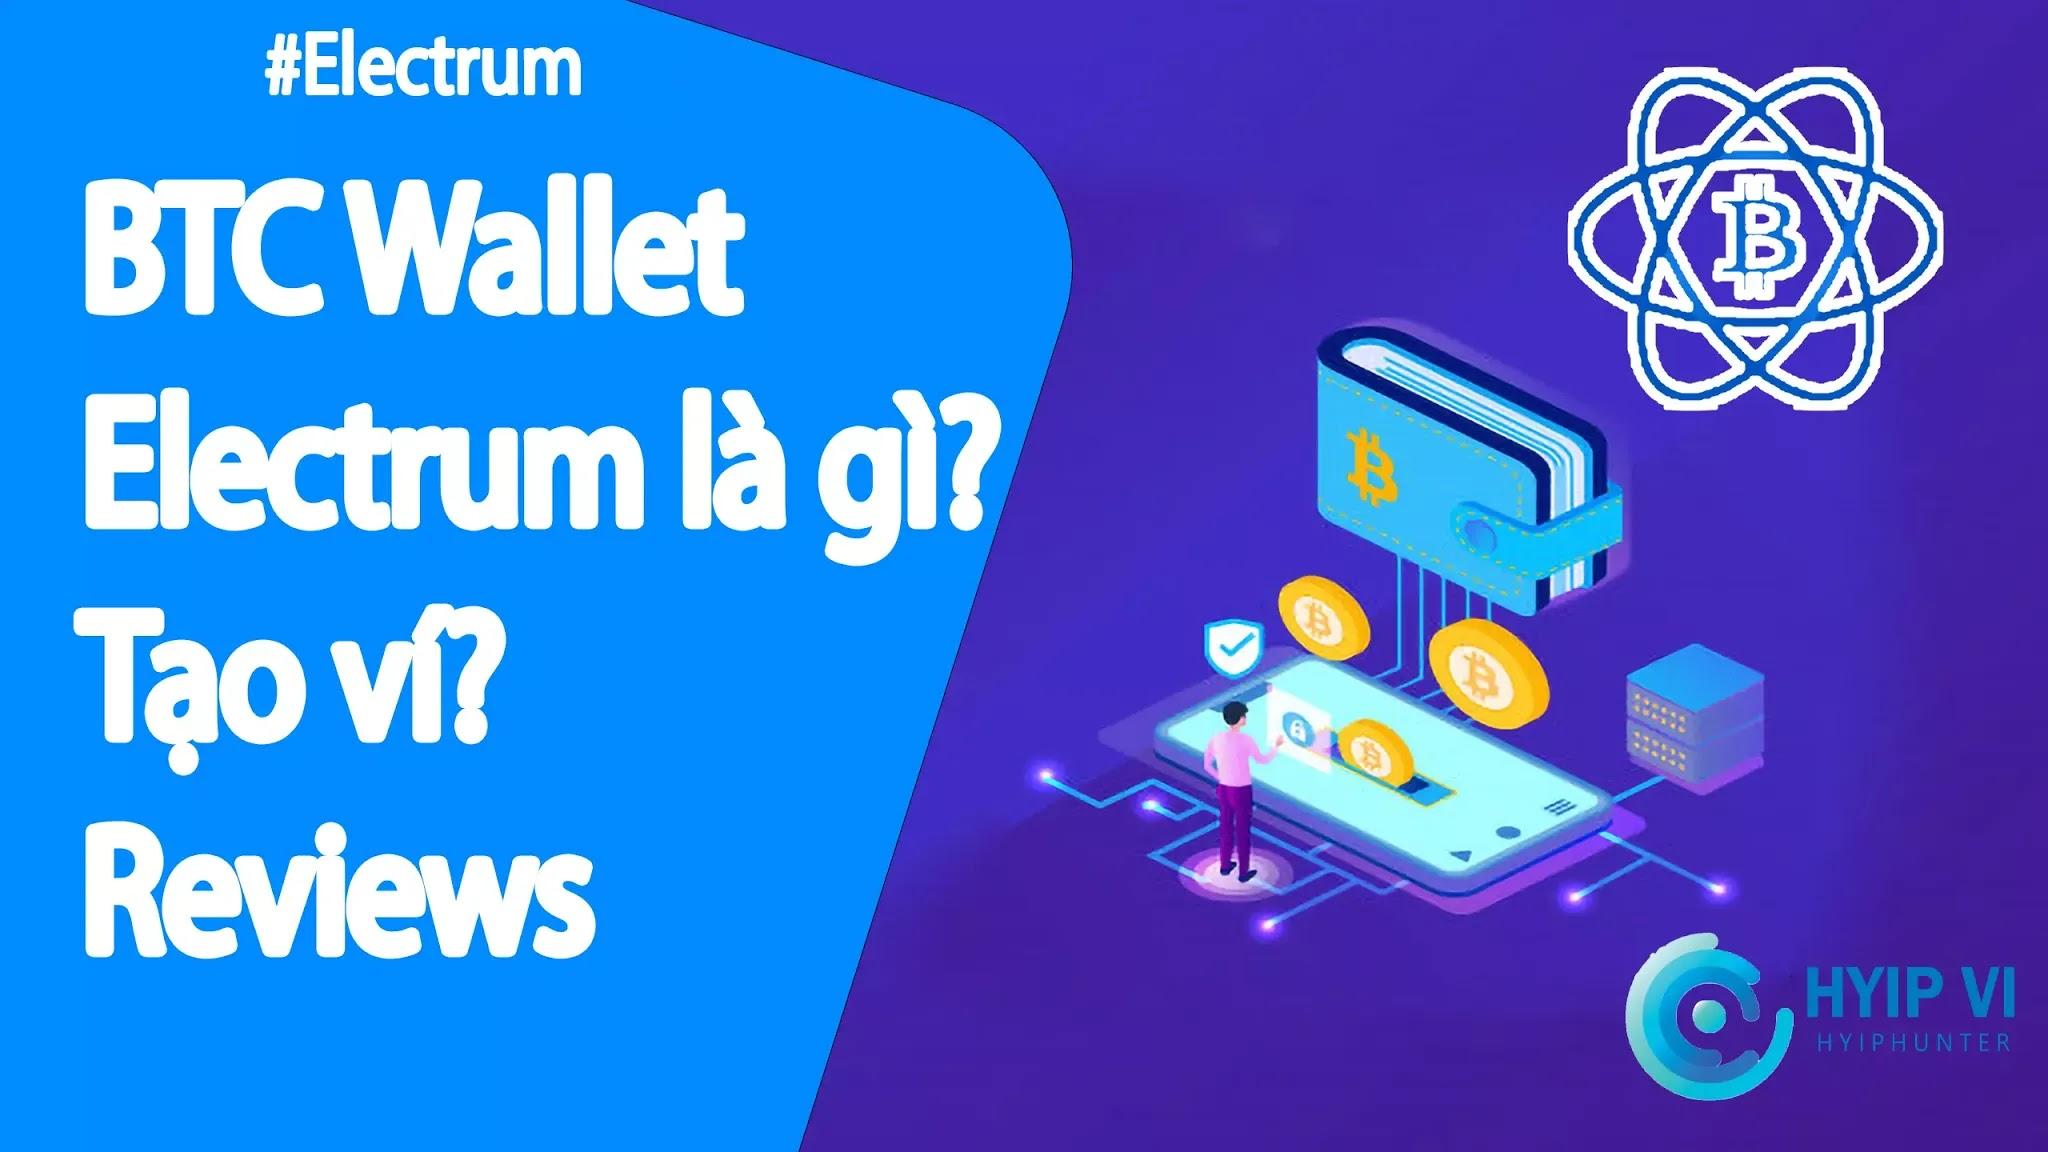 Ví bitcoin Electrum, đánh giá | Cách sử dụng Electrum